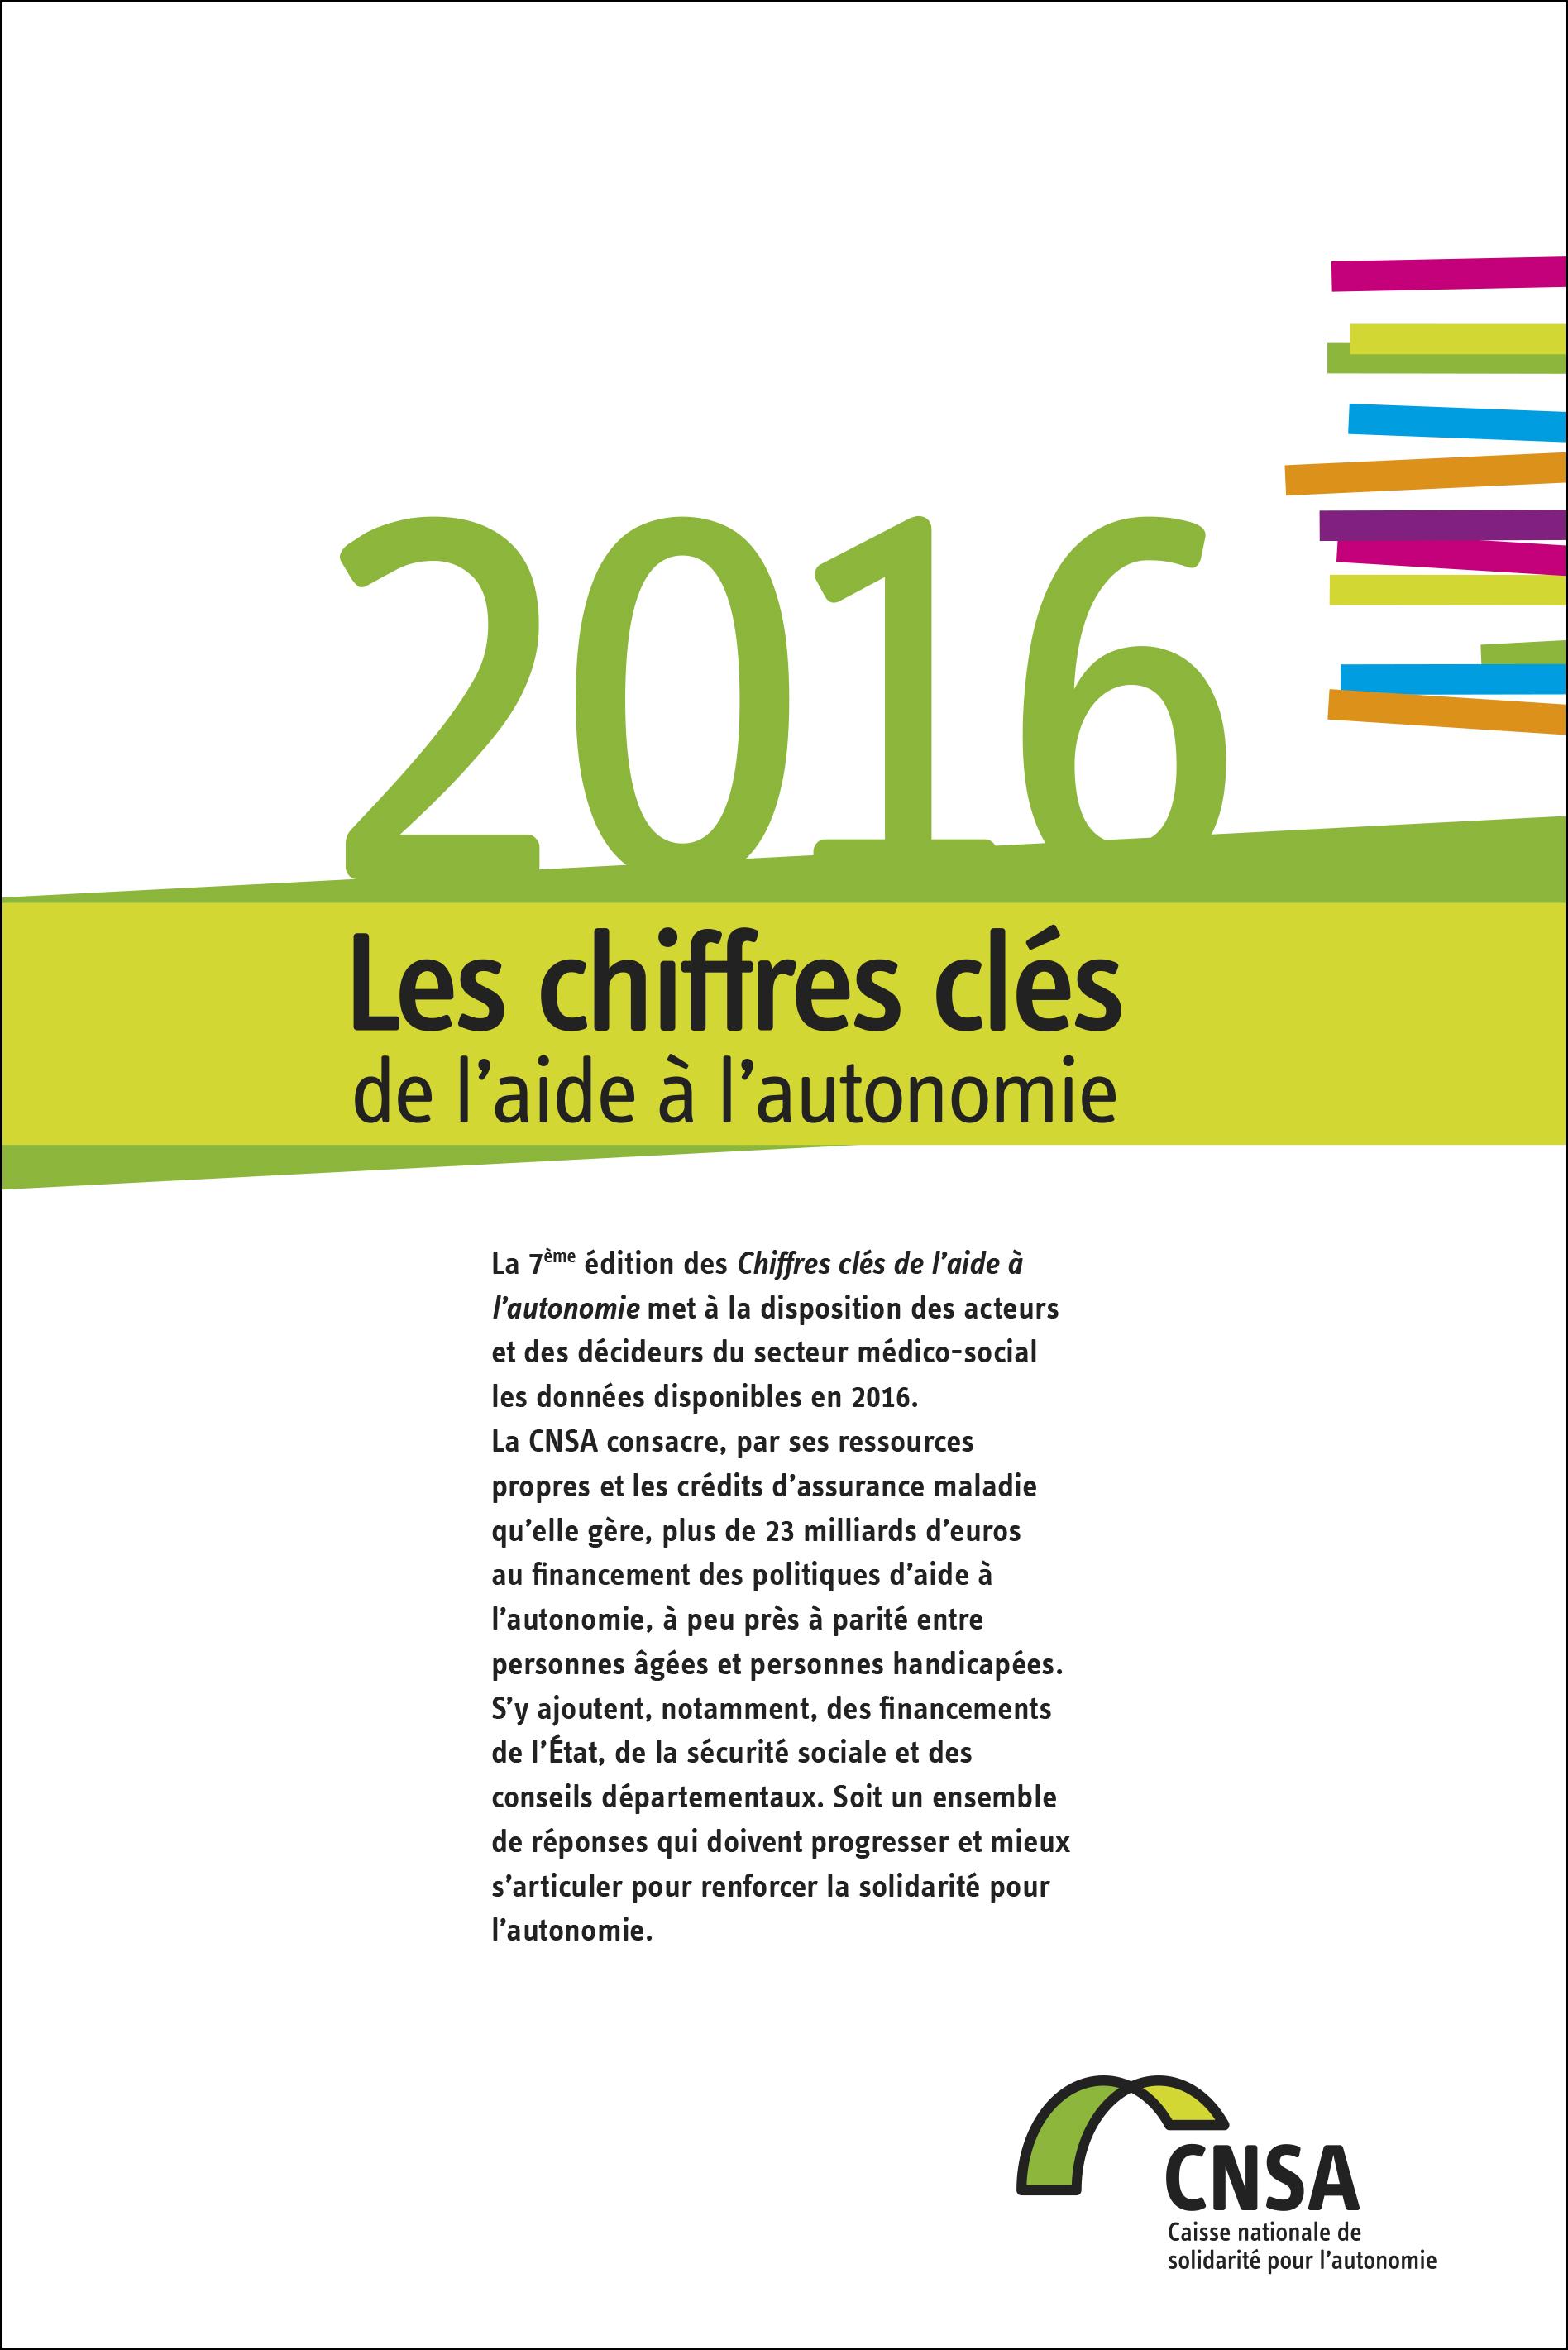 Les chiffres clés de l'aide à l'autonomie 2016 (PDF, 1.63 Mo)